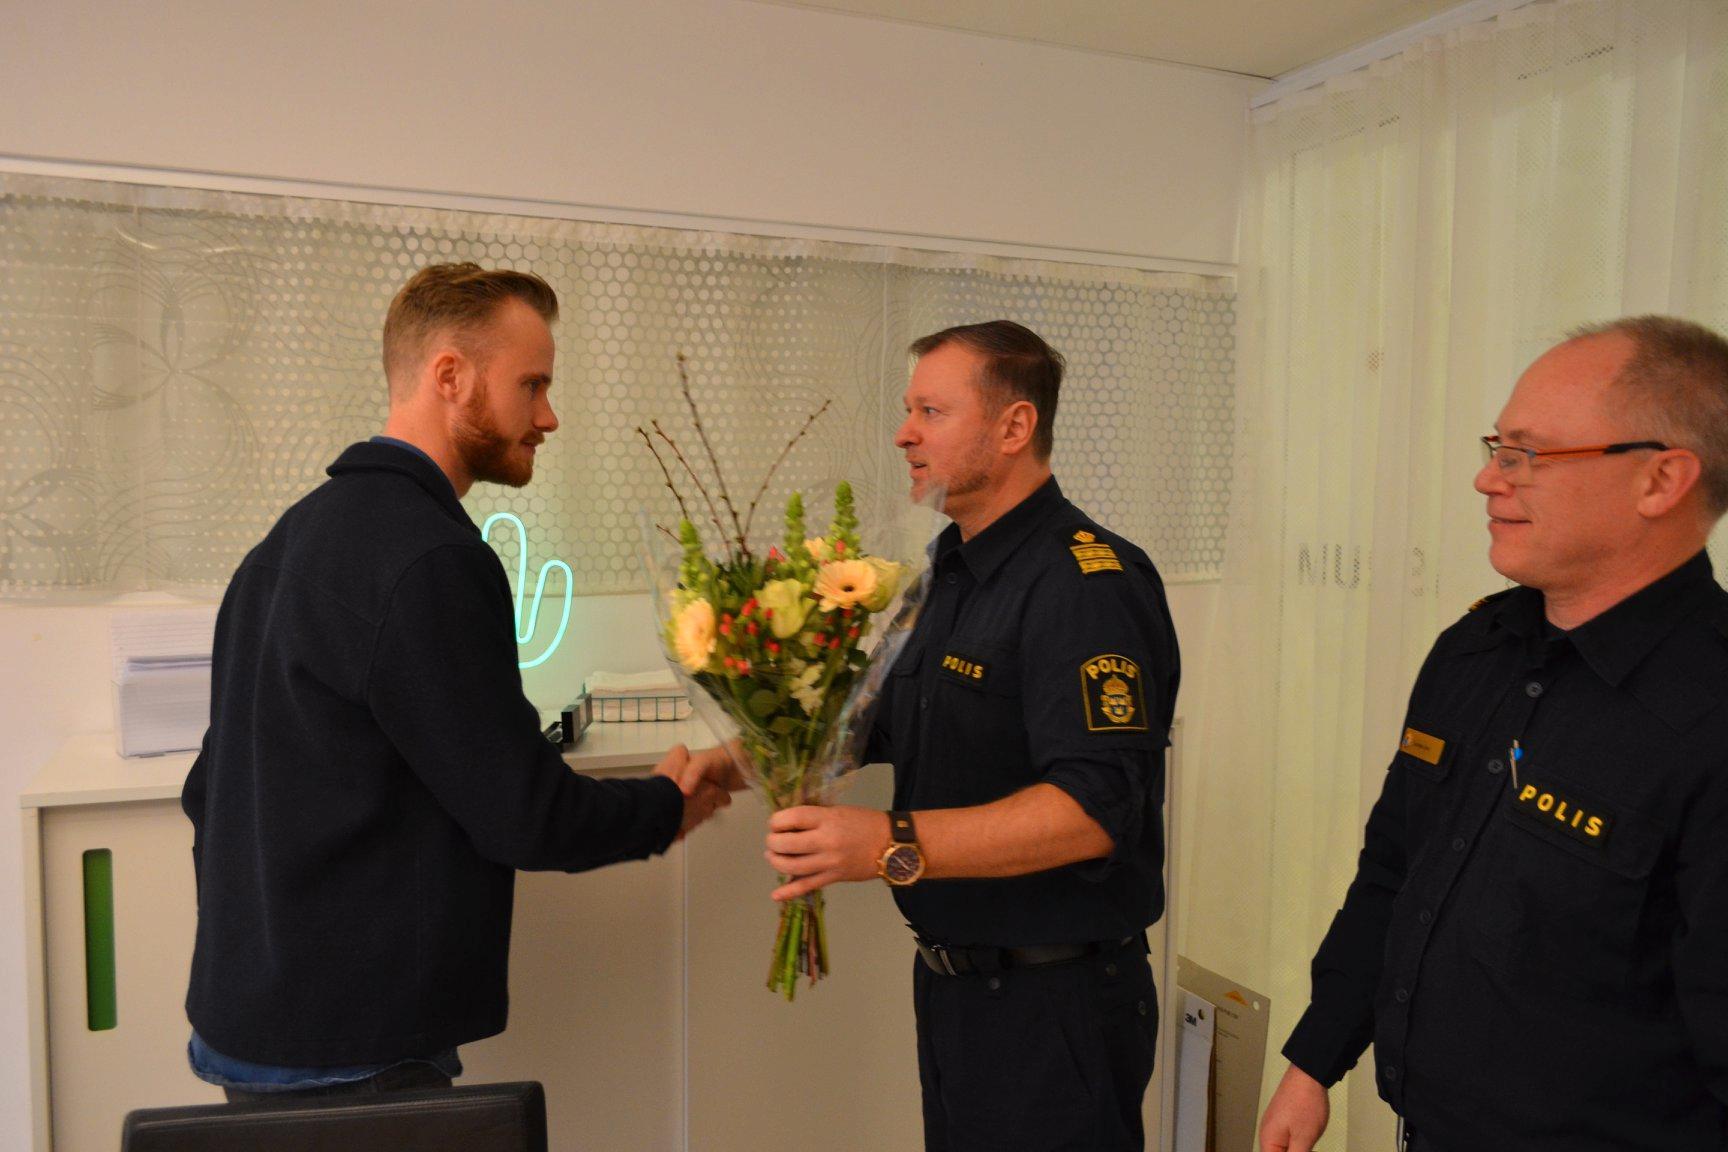 Jakob Gelberg tar emot blommor från biträdande polischef Daniel LIndberg och förundersökningsledare Magnus Lörd.